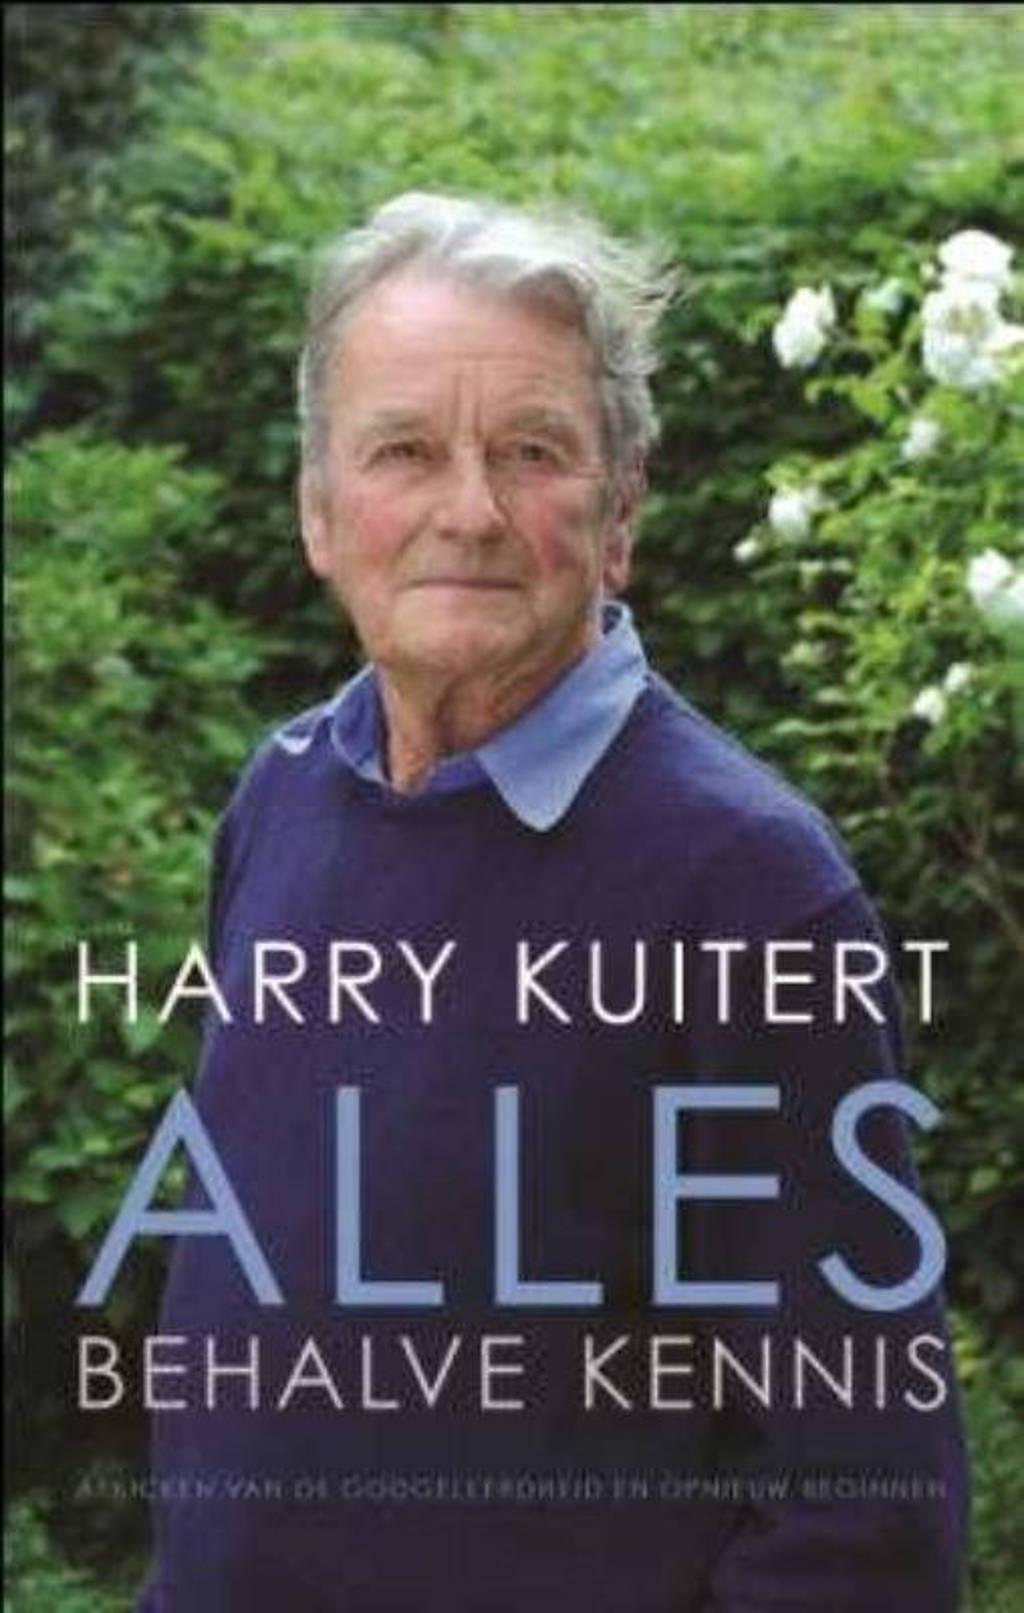 Alles behalve kennis - Harry Kuitert